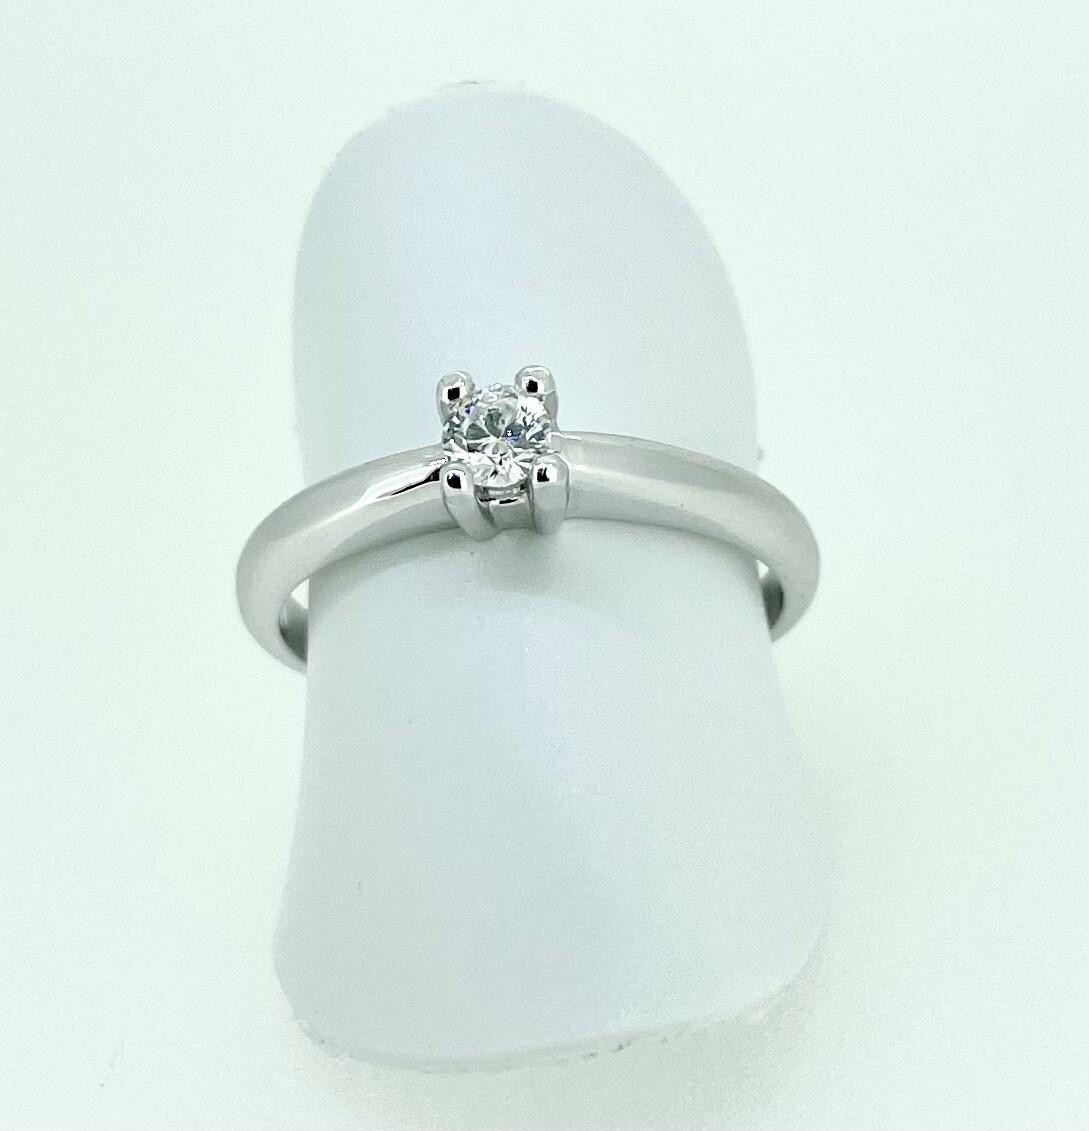 Solitario de oro blanco, con un diamante talla brillante de 0,15 cts de peso.